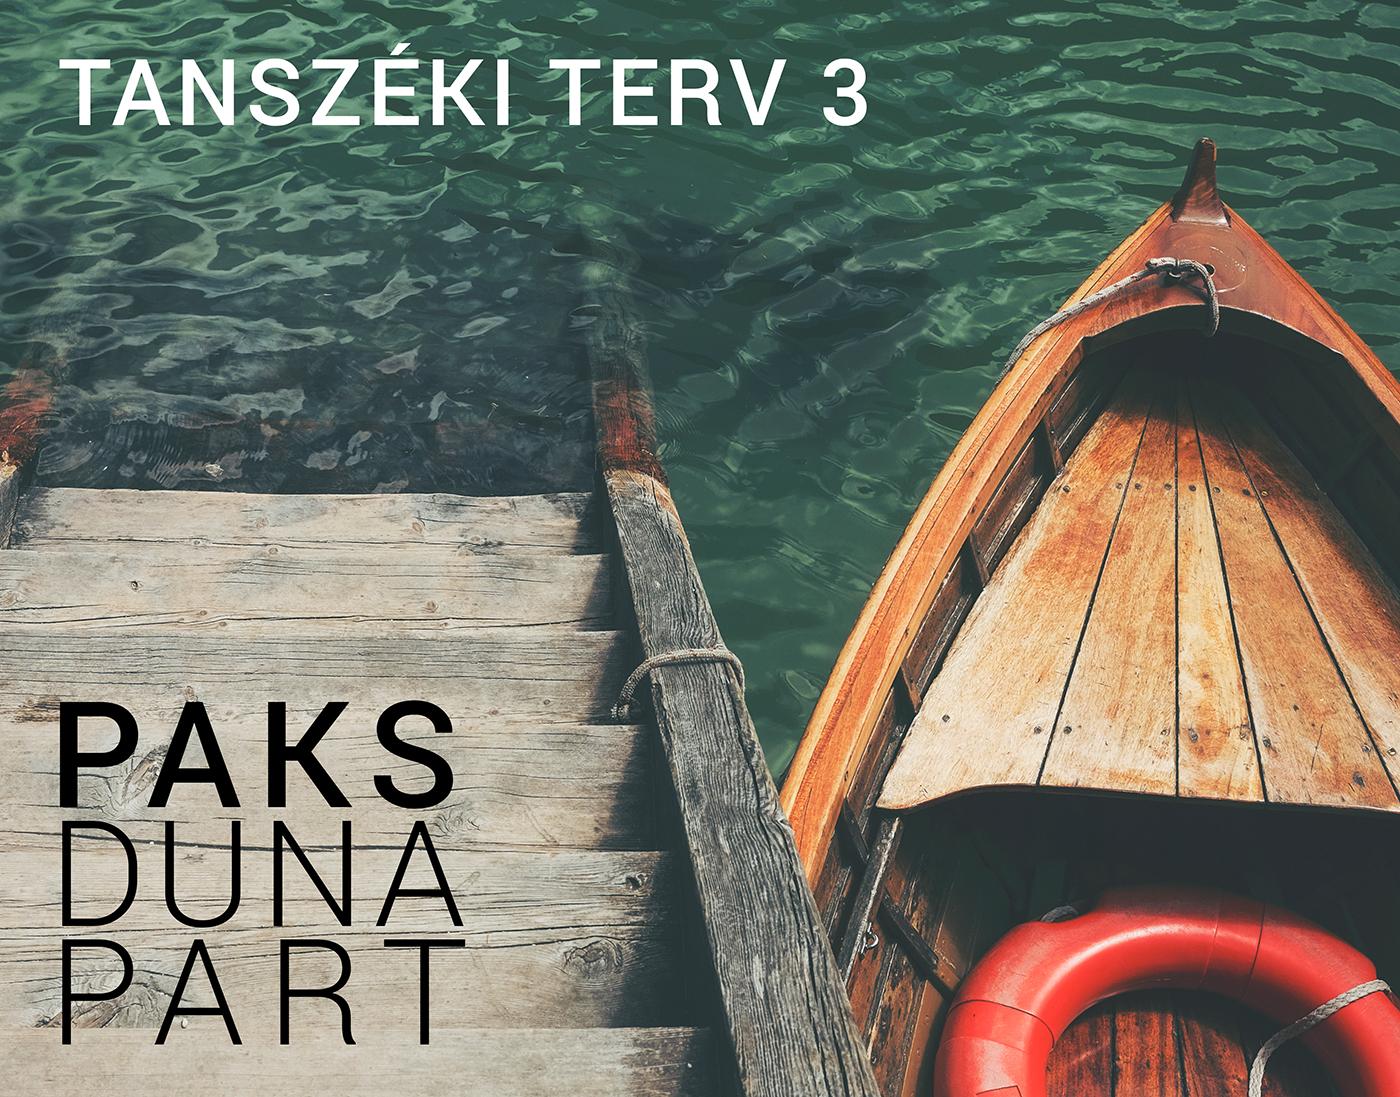 TT3 2017 ŐSZ PLAKÁT 3 sm